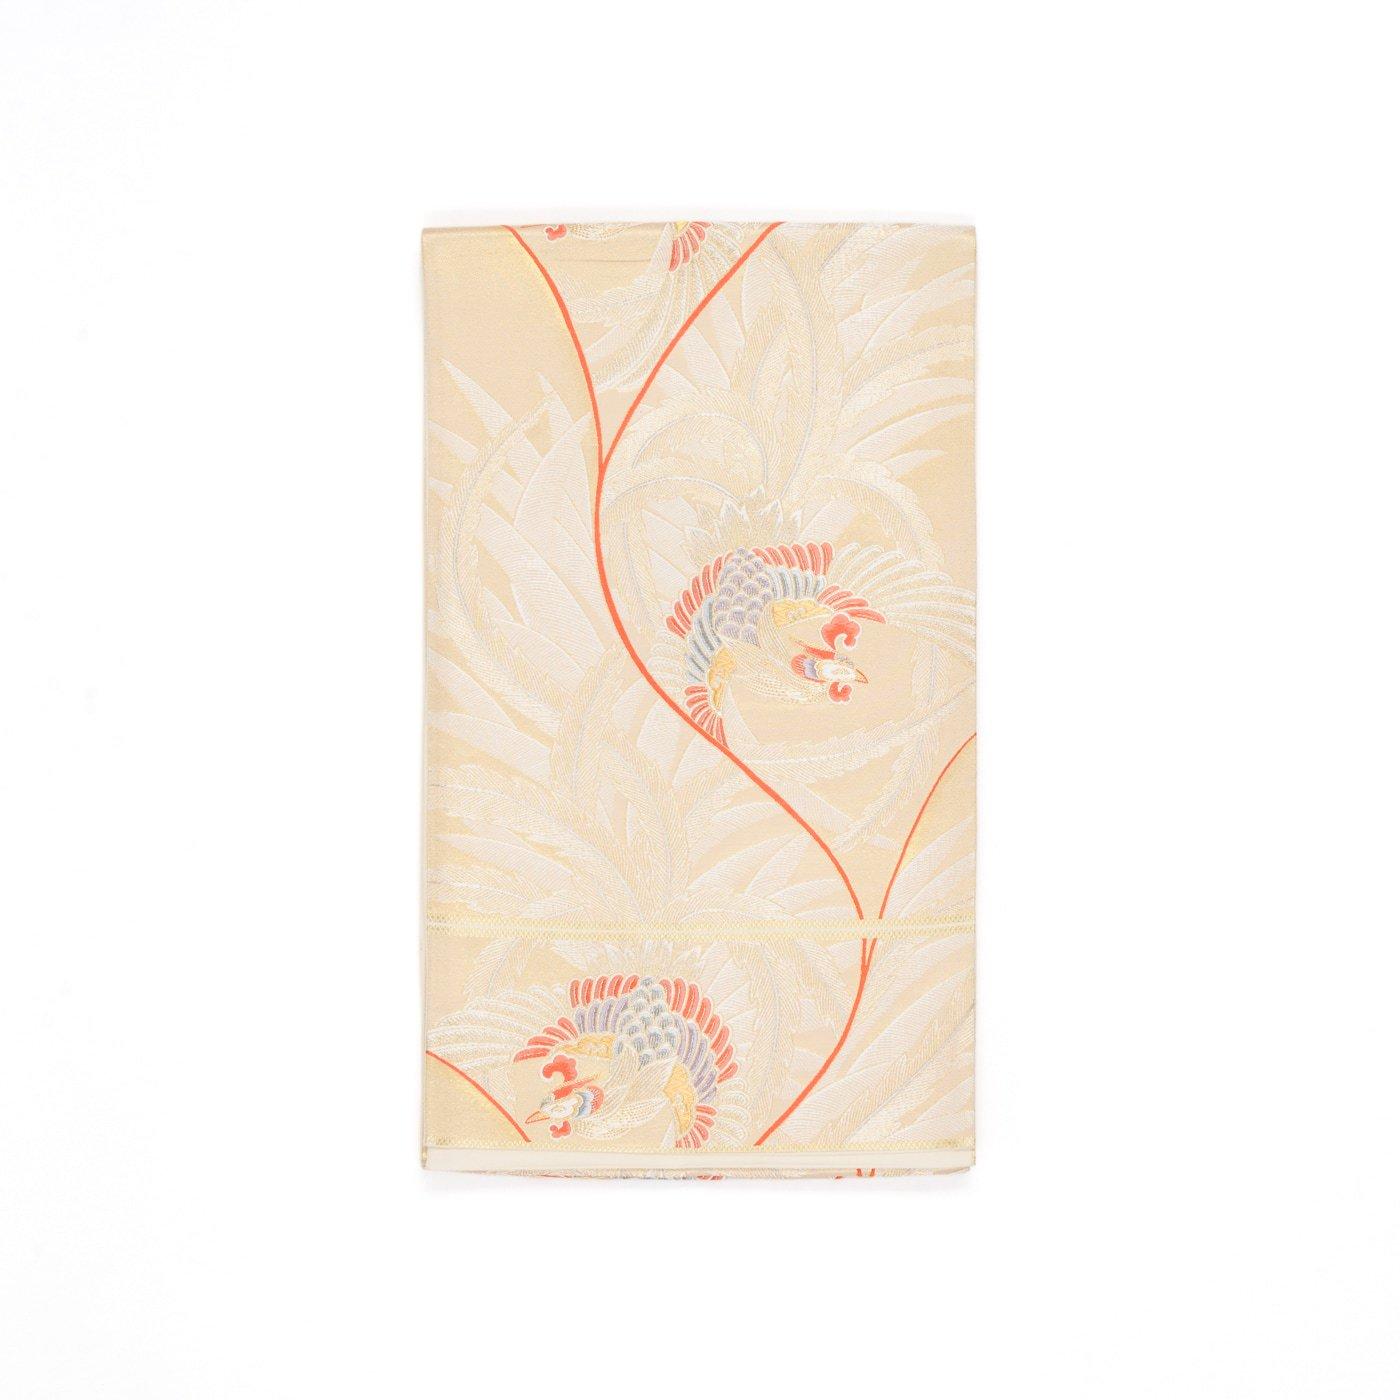 「袋帯●シャンパンゴールドに鳳凰」の商品画像